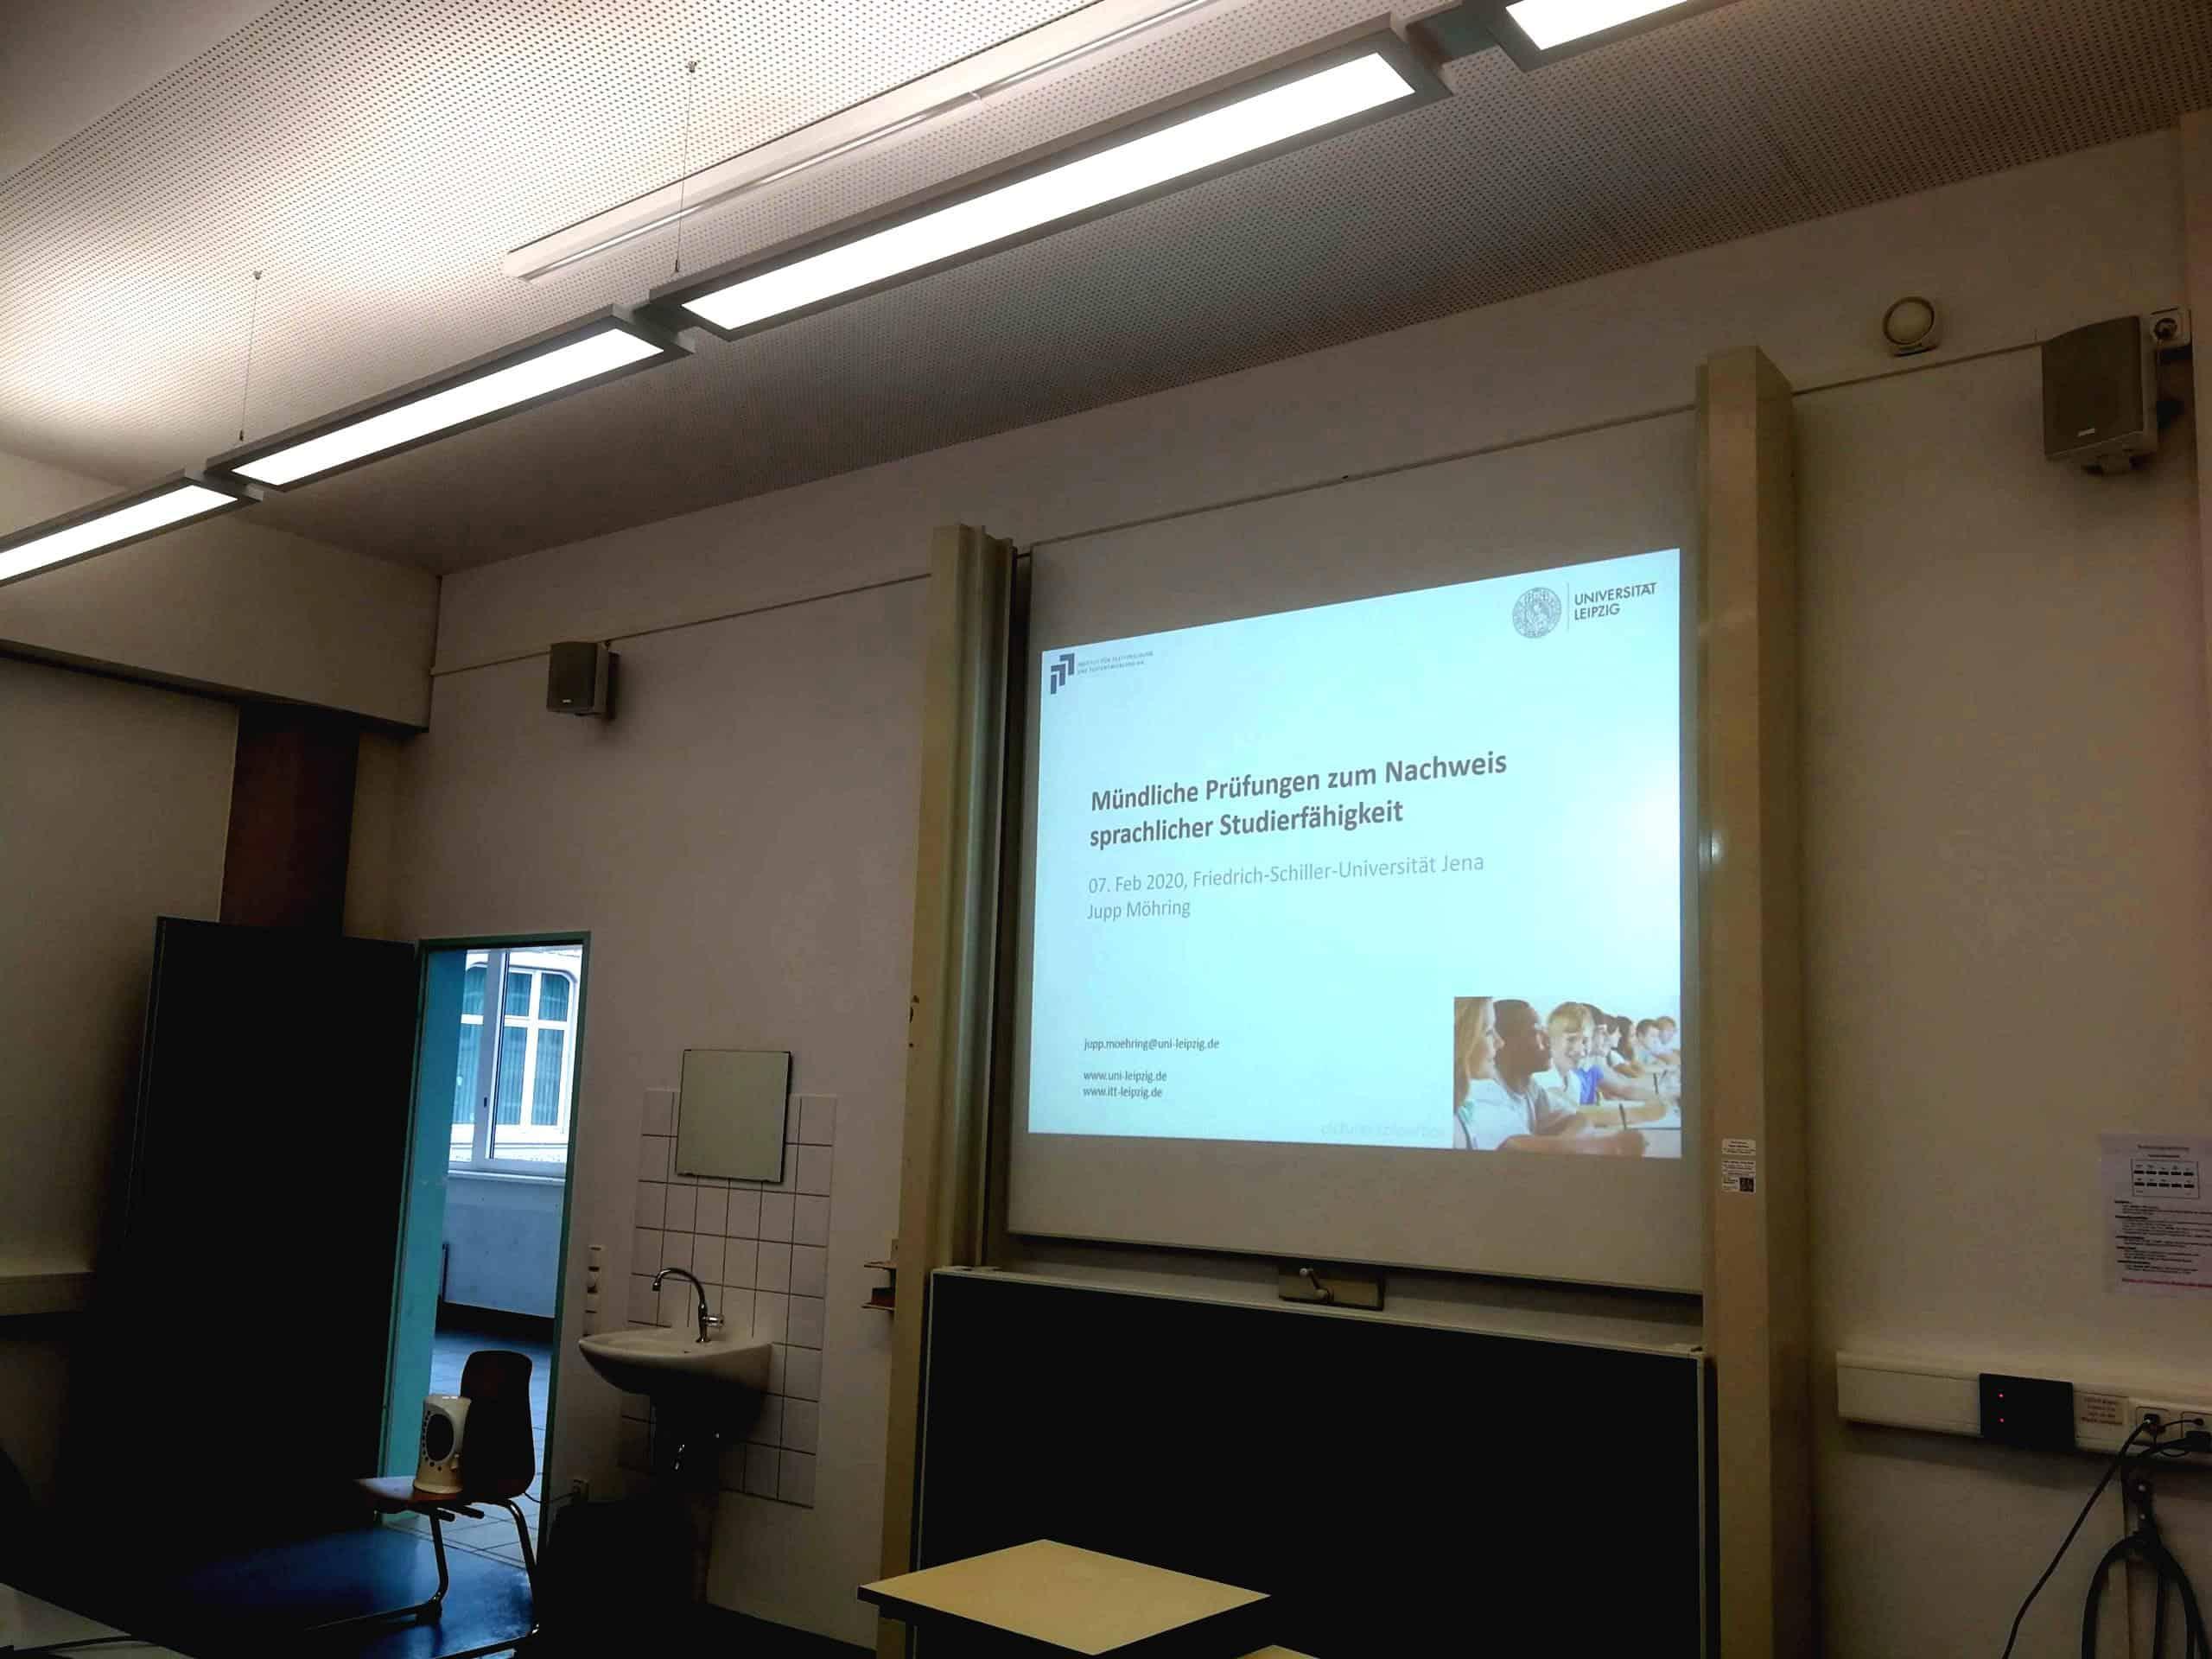 Mündliche Prüfungen  - Workshop in Jena